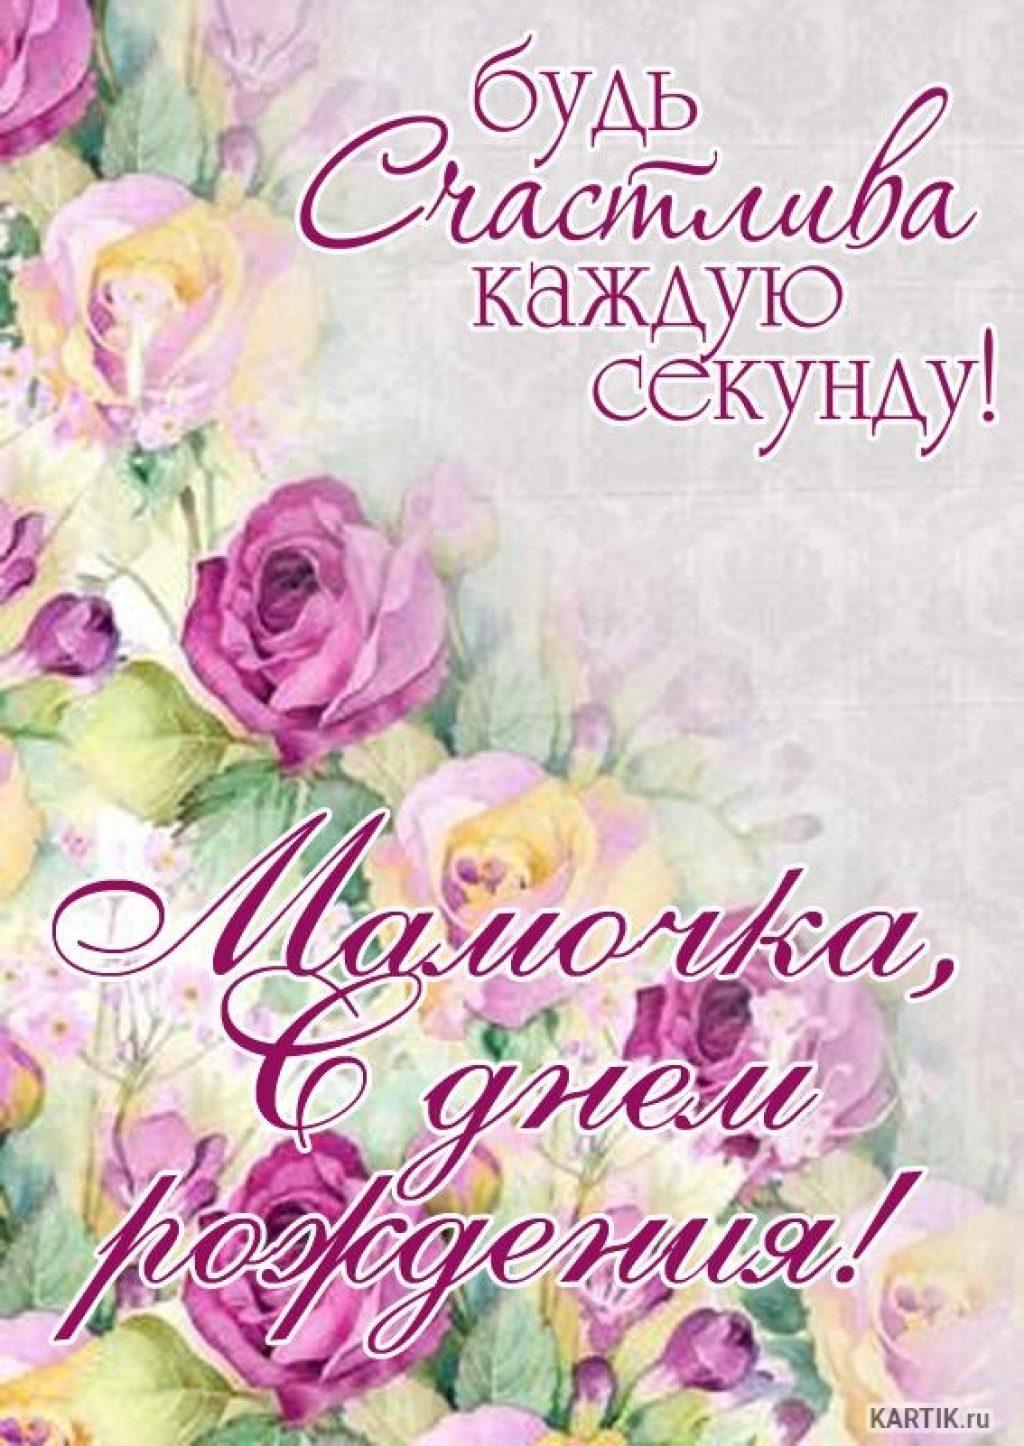 с днём рождения маме , открытки с цветами для мамы с днём рождения. с днём рождения мама , открытки с цветами для мамы с днём рождения , красивые открытки с пожеланием с днём рождения для мамы , яркие , добрые пожелания в день рождения.